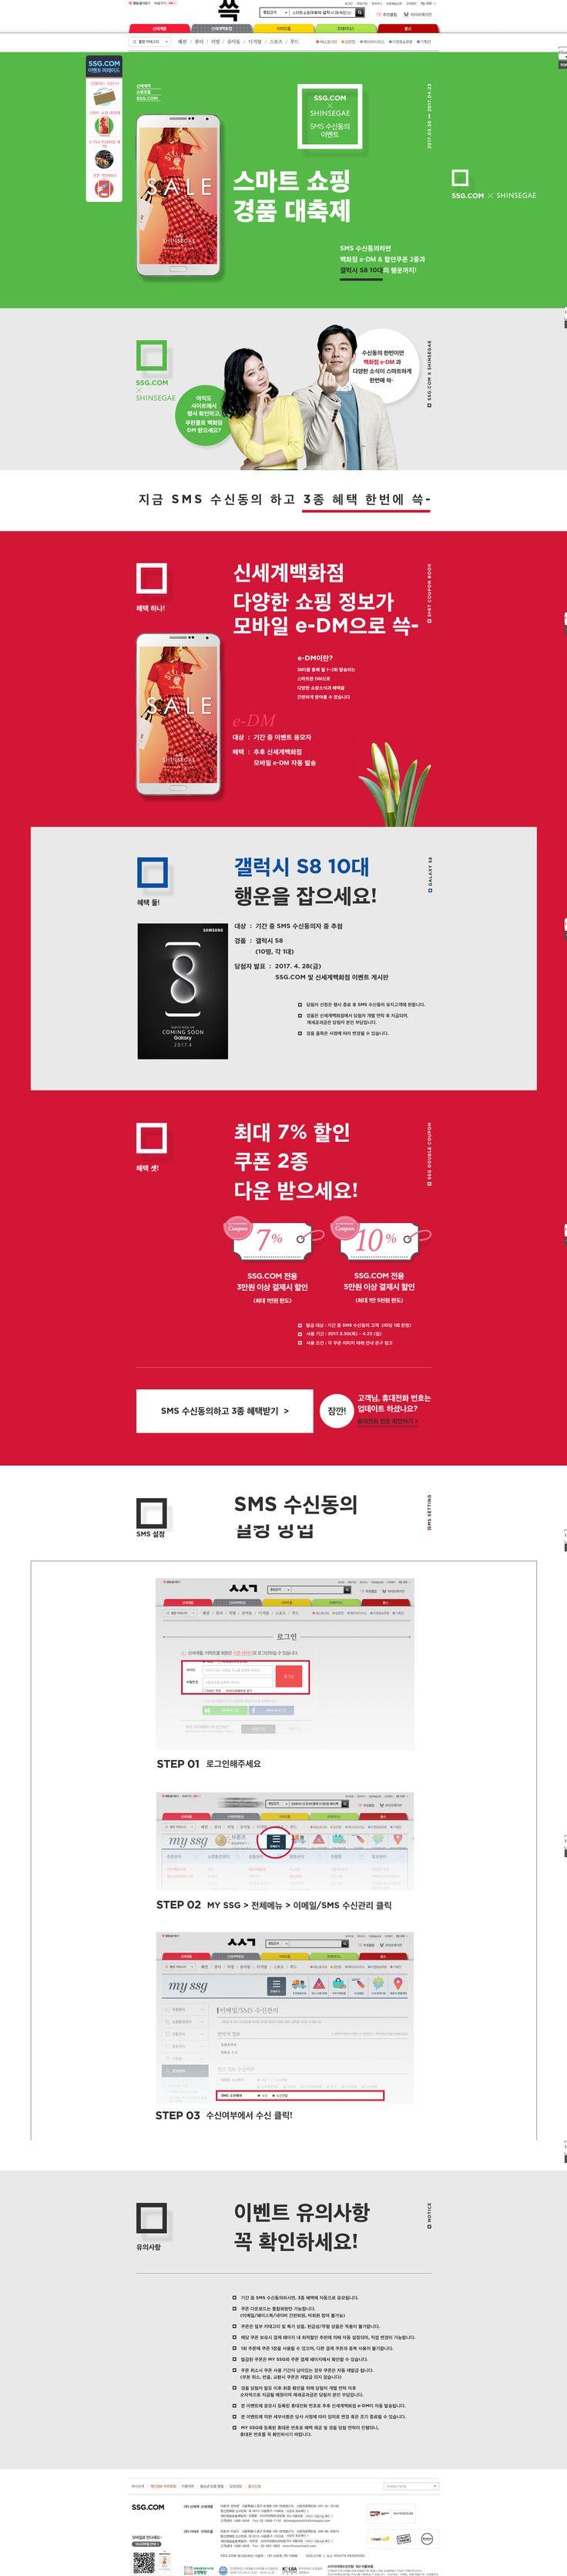 #2017년4월1주차 #SSG #스마트쇼핑 경품 대축제www.ssg.com